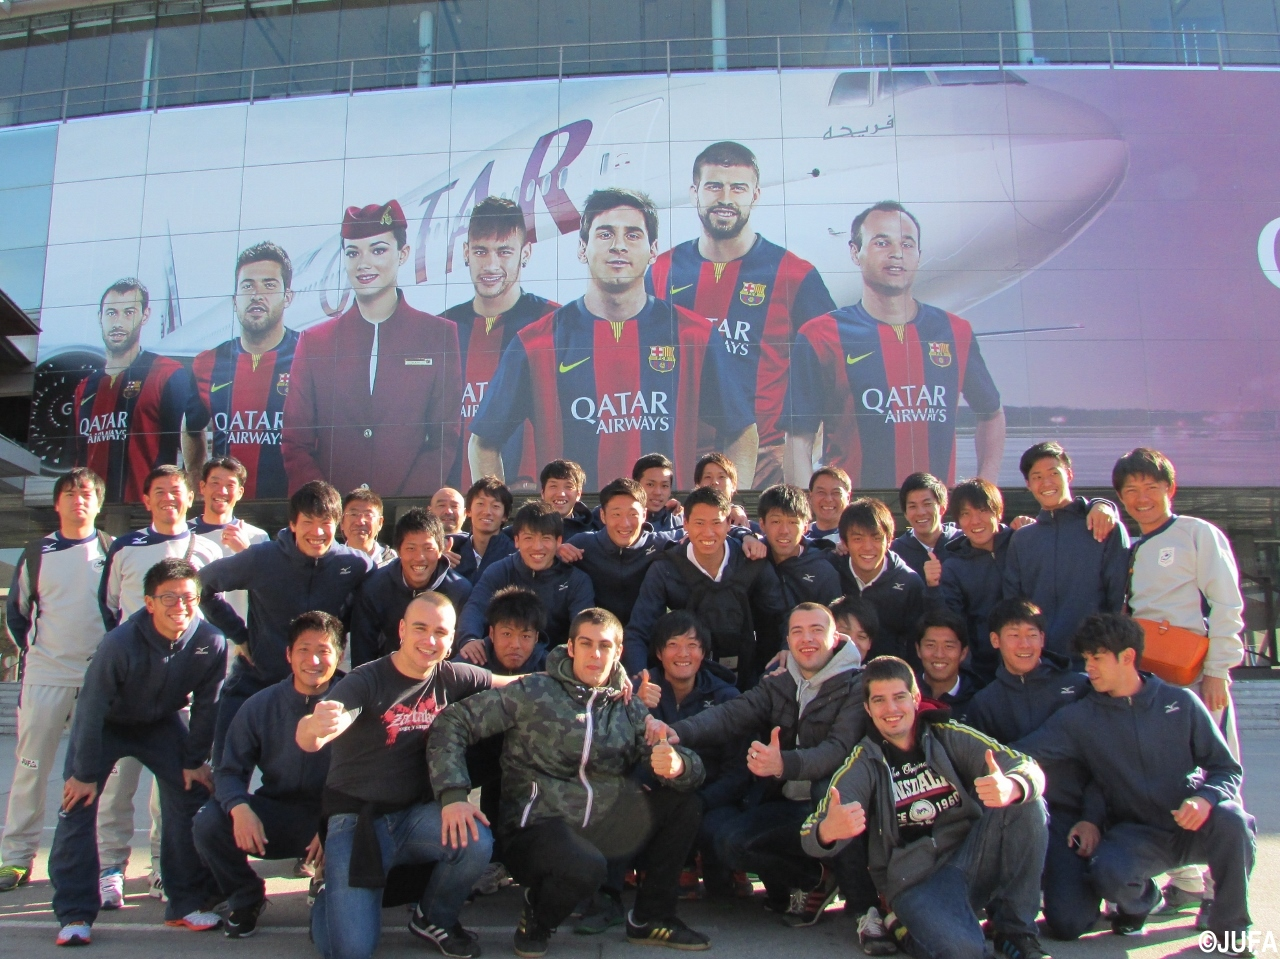 全日本大学選抜バルセロナ遠征、カンプノウ見学で記念写真も(16枚)